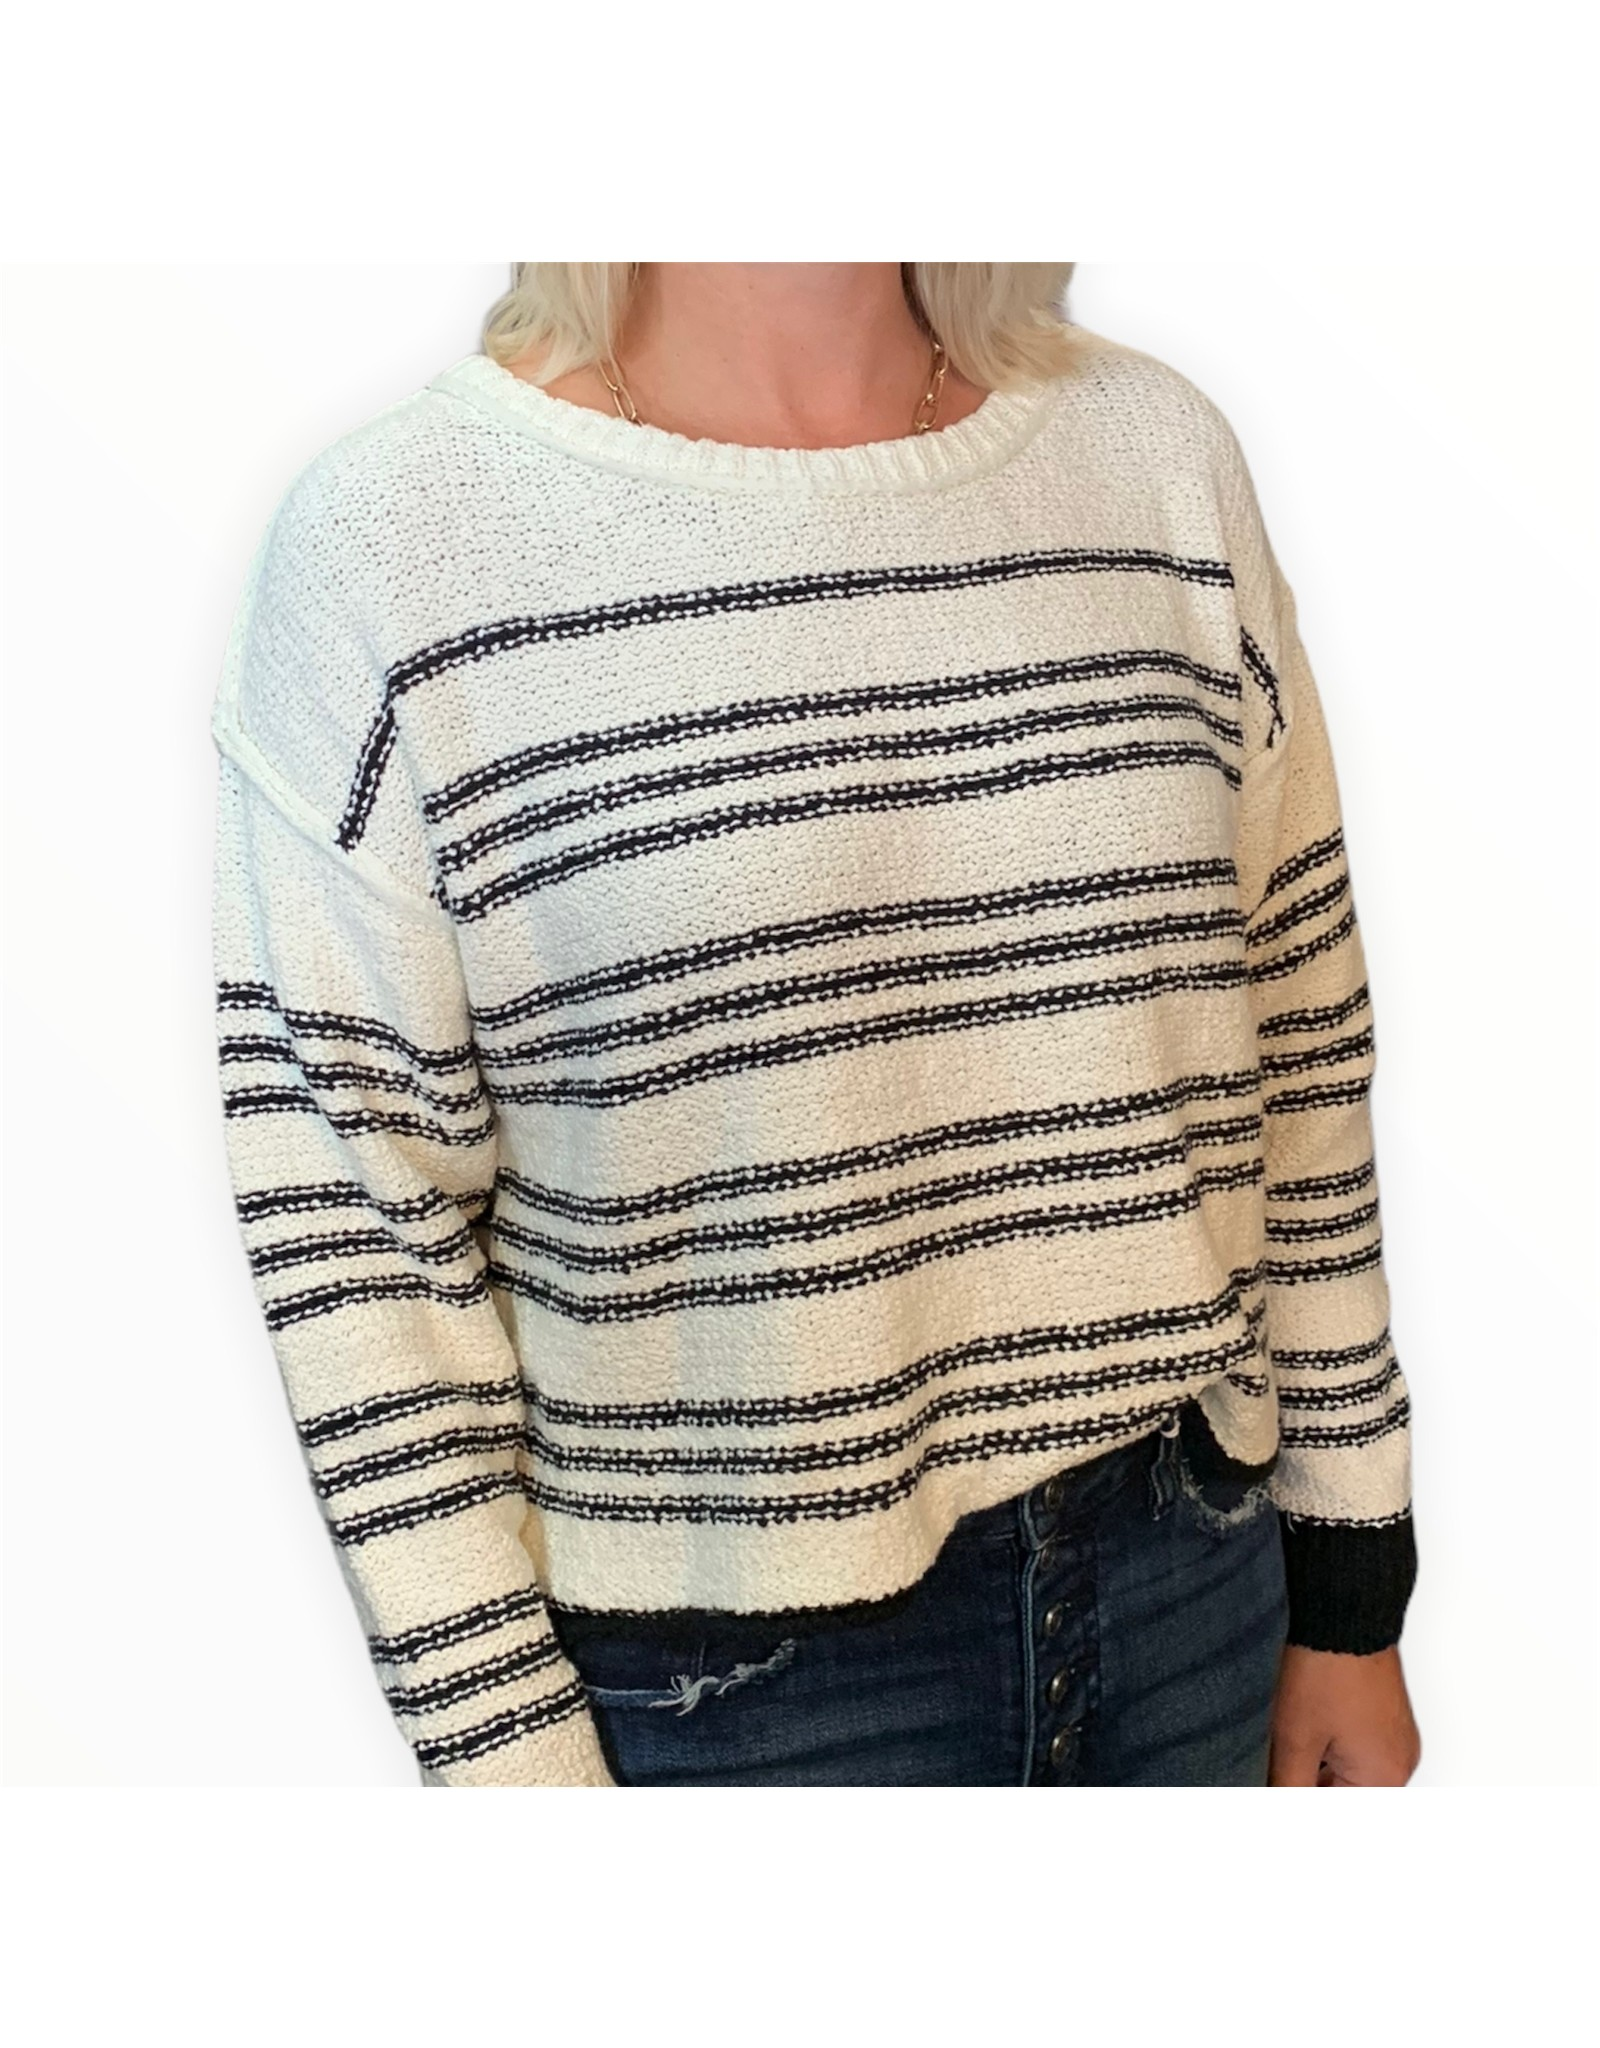 LATA Racing Stripe Cropped Sweater